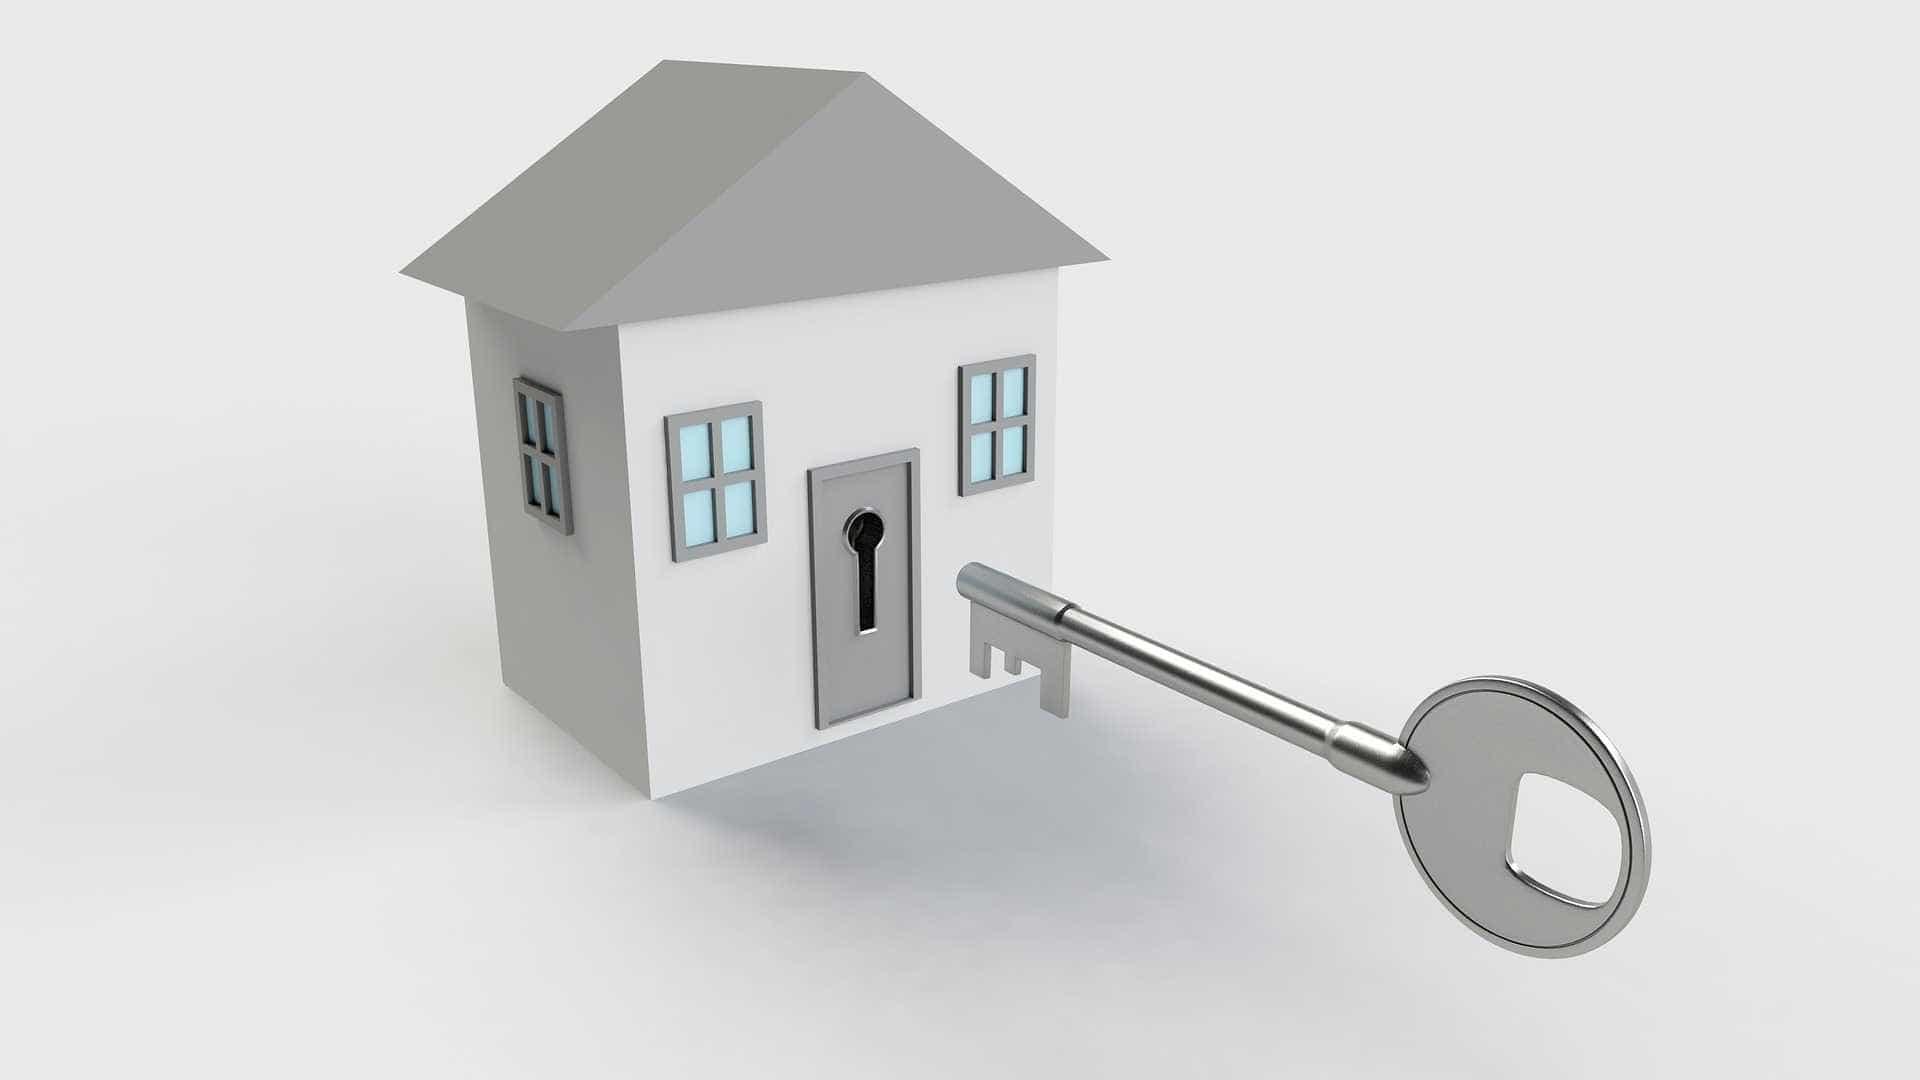 Caixa reduz juros para compra da casa própria com recursos da poupança